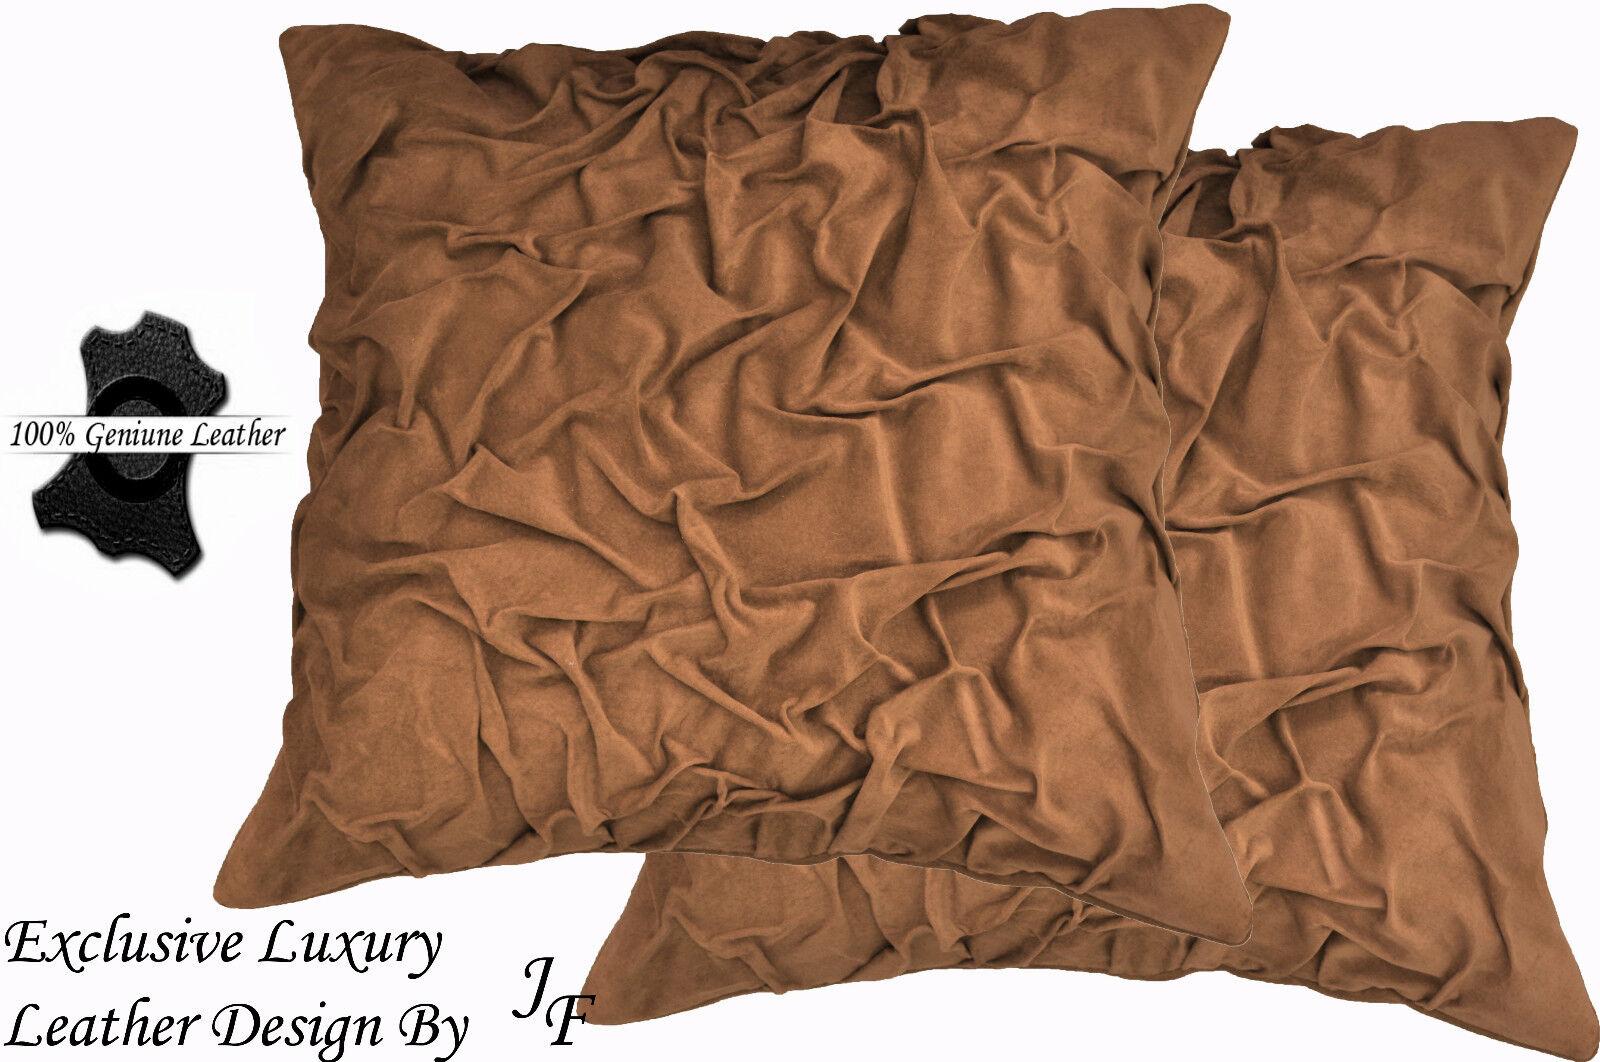 2x Lujo Exclusivo GAMUZA genuinas Beige precioso Cojín diseño Grande Beige genuinas a547c4